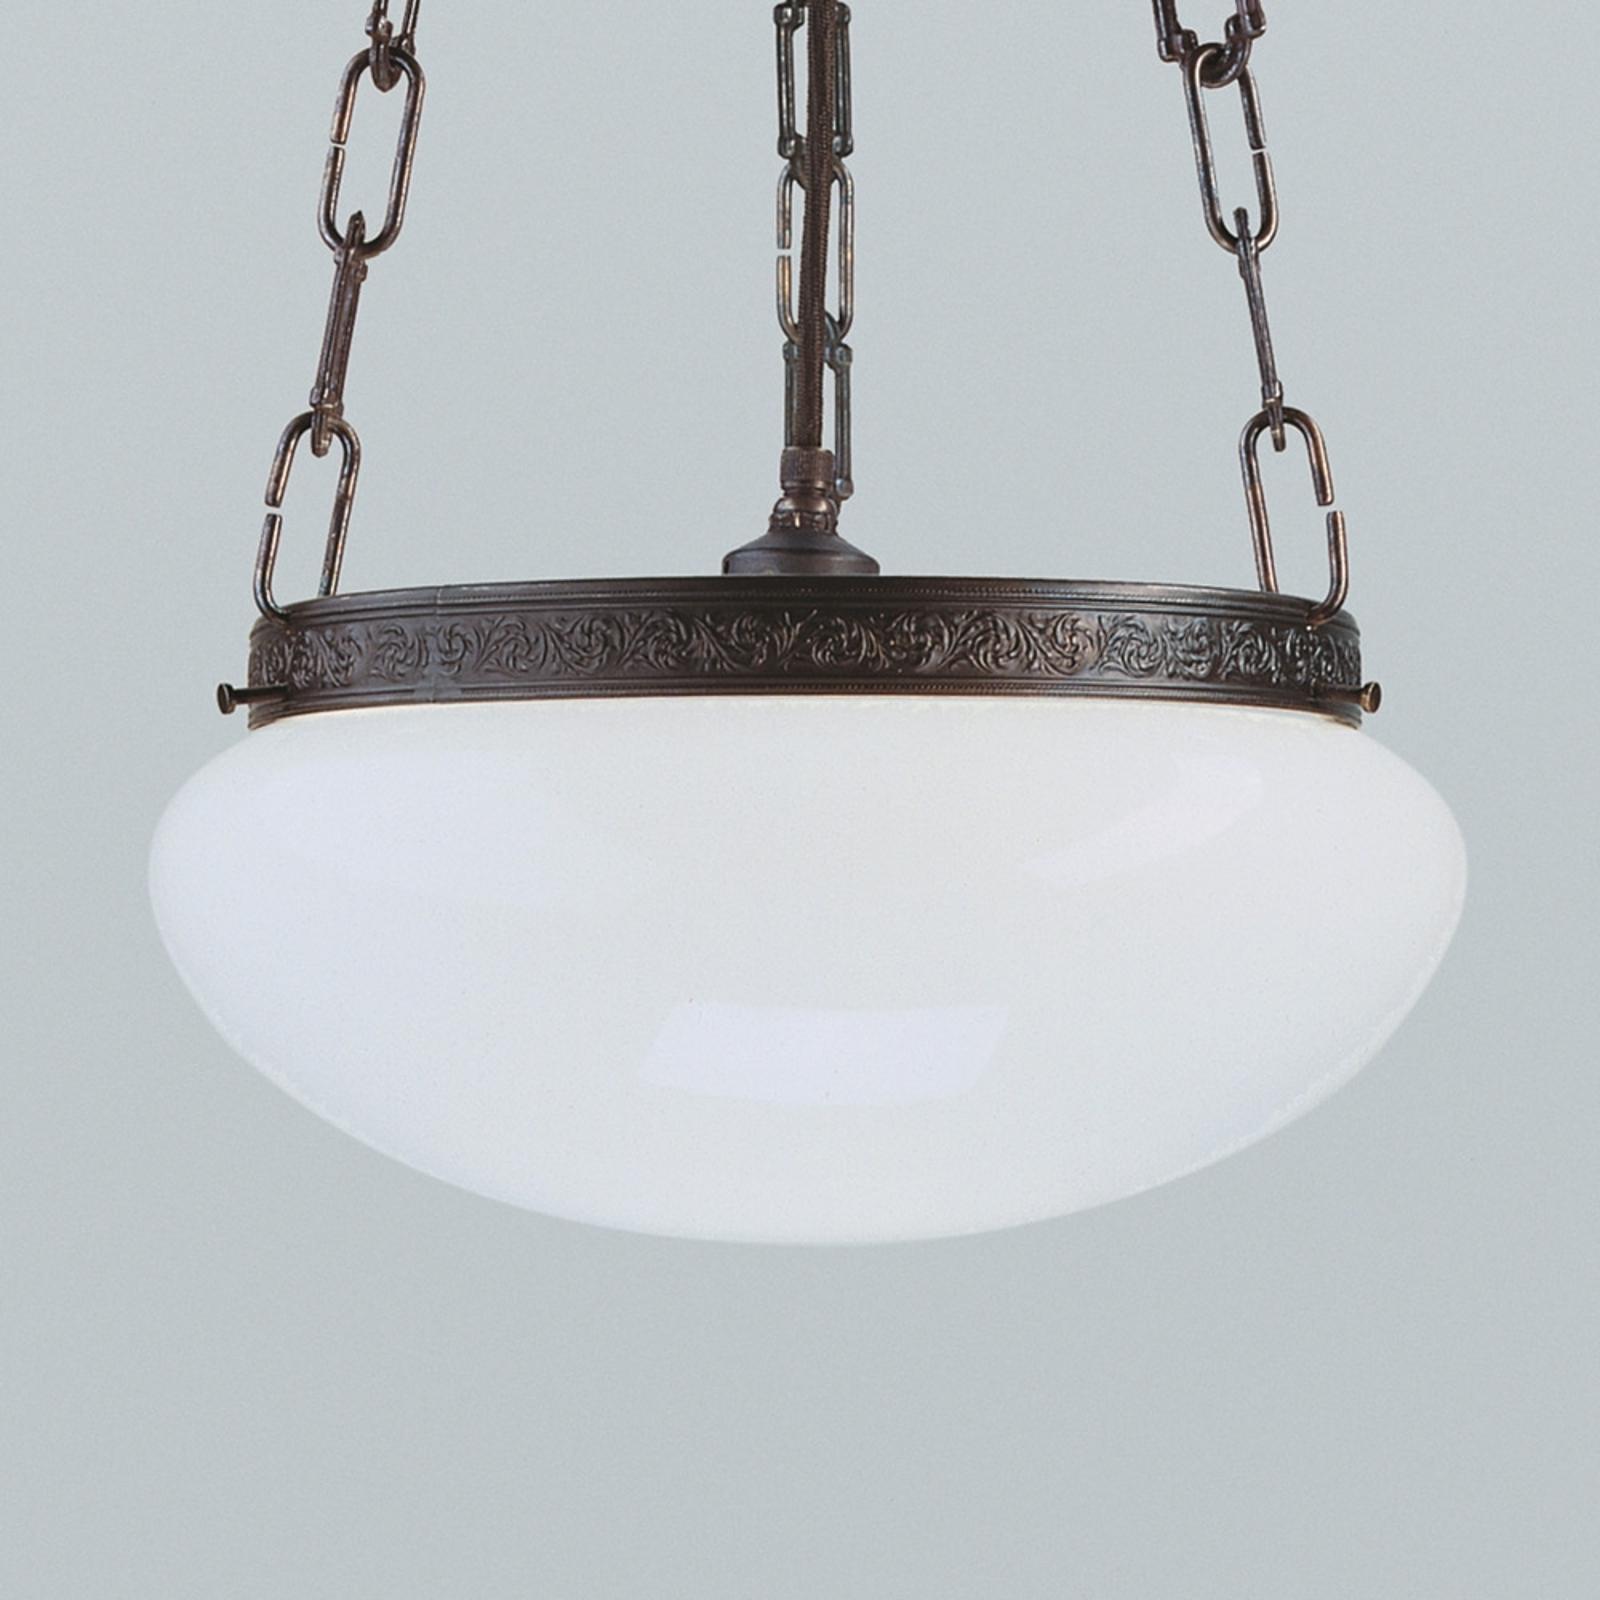 Verne hængelampe i antikt look